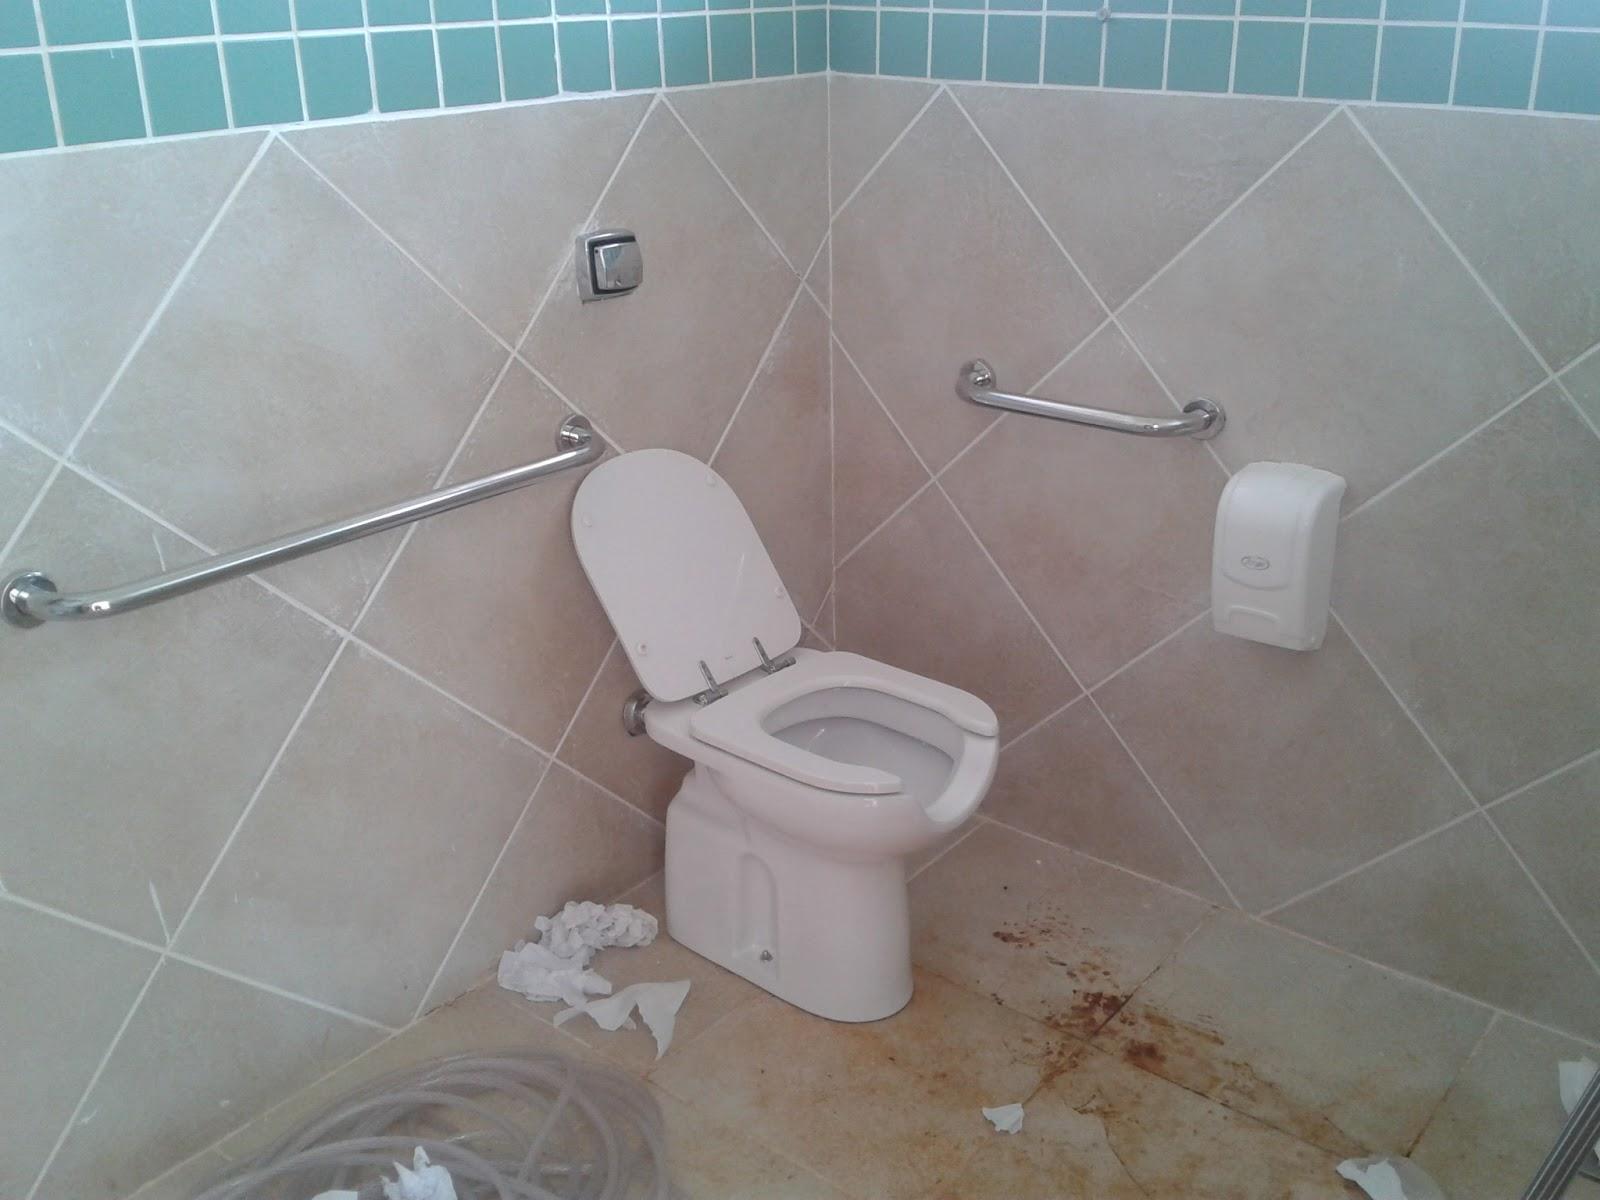 #4D757E banheiro para deficientes antes da limpeza banheiro para deficientes  1600x1200 px Banheiro Para Deficiente Cad 2587